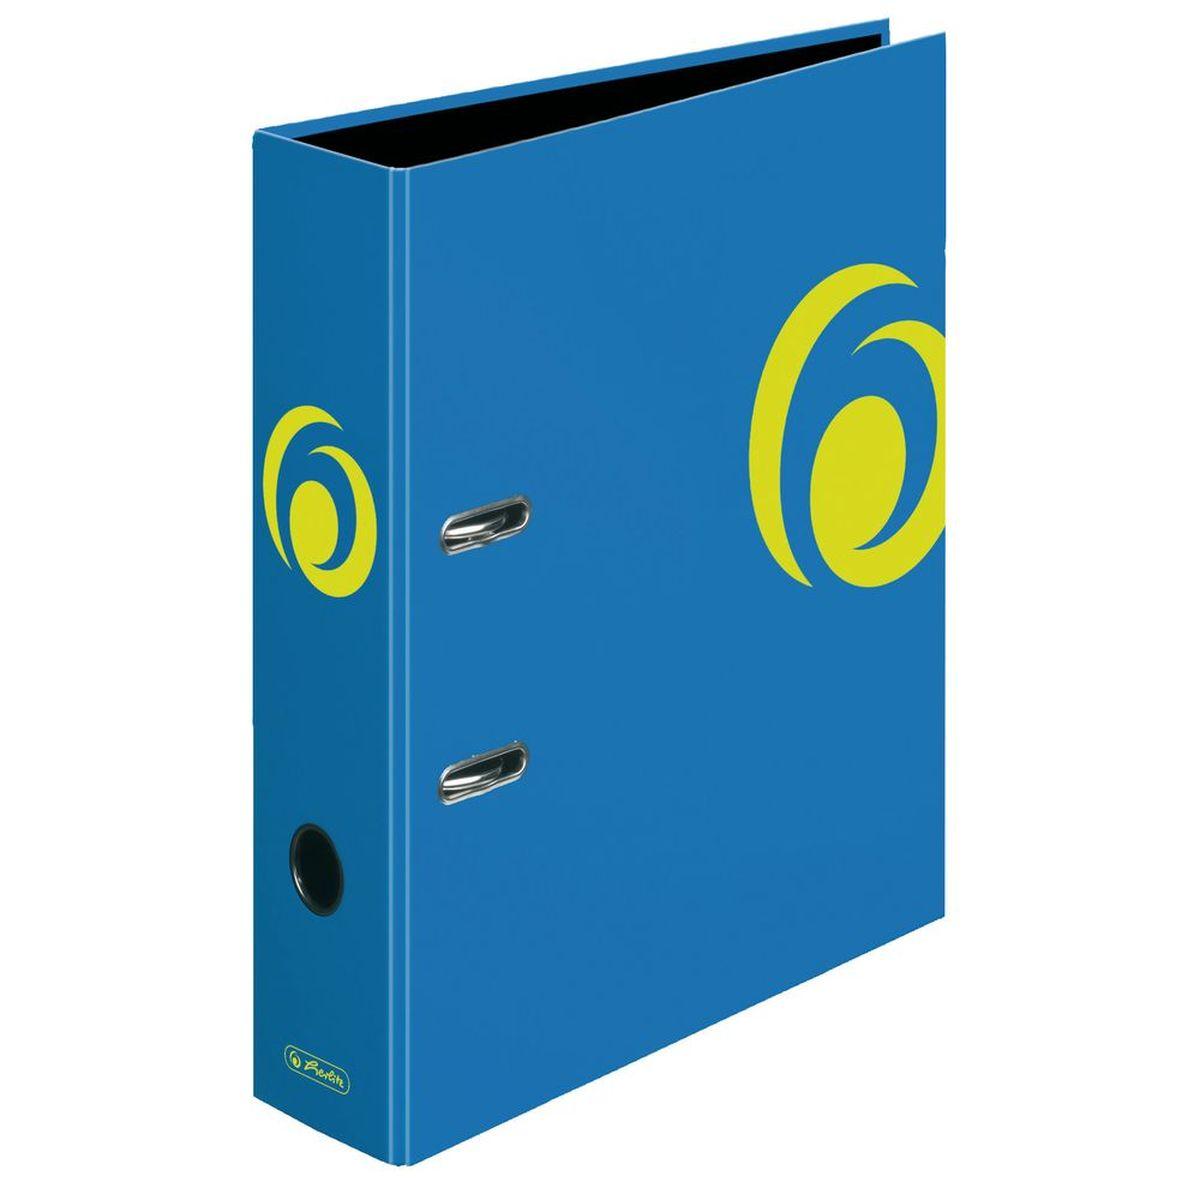 Herlitz Папка-регистратор MaX.file цвет синий11364338Практичная папка-регистратор Herlitz maX.file предназначена для хранения больших объемов документов. Ее обложка выполнена из ламинированного картона, с отделкой выборочным лаком. Папка оснащена прочным арочным механизмом улучшенного высокого качества с увеличенной прижимной силой. Основа папки изготовлена из прочного FSC-сертифицированного картона.Папка-регистратор значительно облегчает делопроизводство. Ярко-синийдизайн позволит ей стать достойным аксессуаром среди ваших канцелярских принадлежностей.